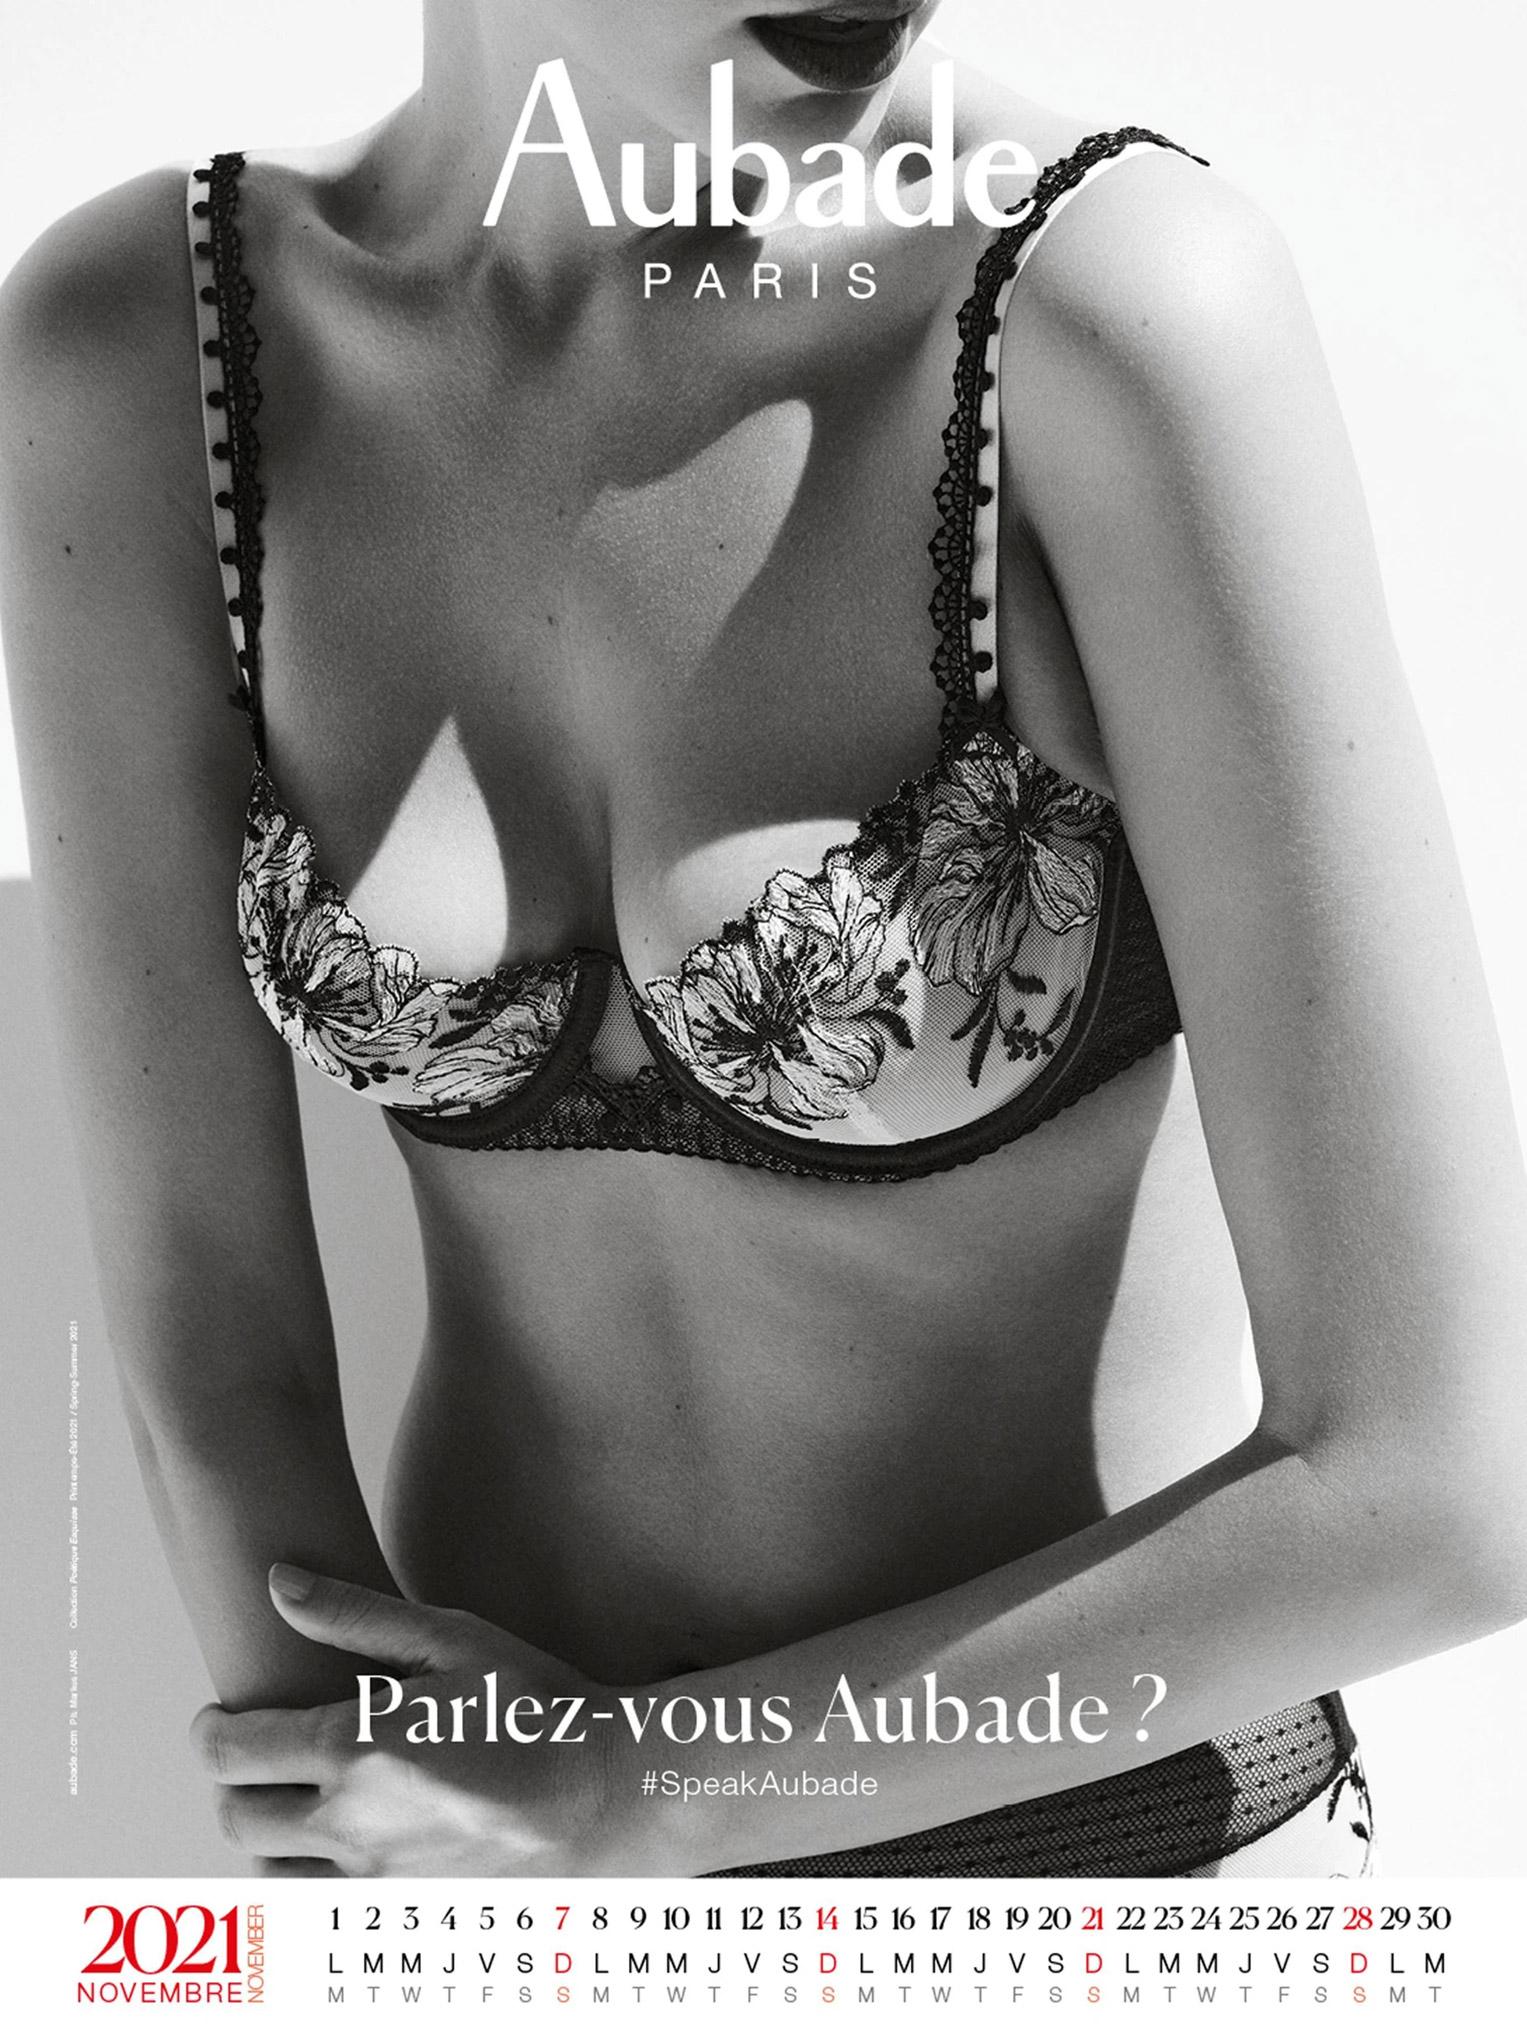 календарь французского производителя нижнего белья Aubade на 2021 год / ноябрь